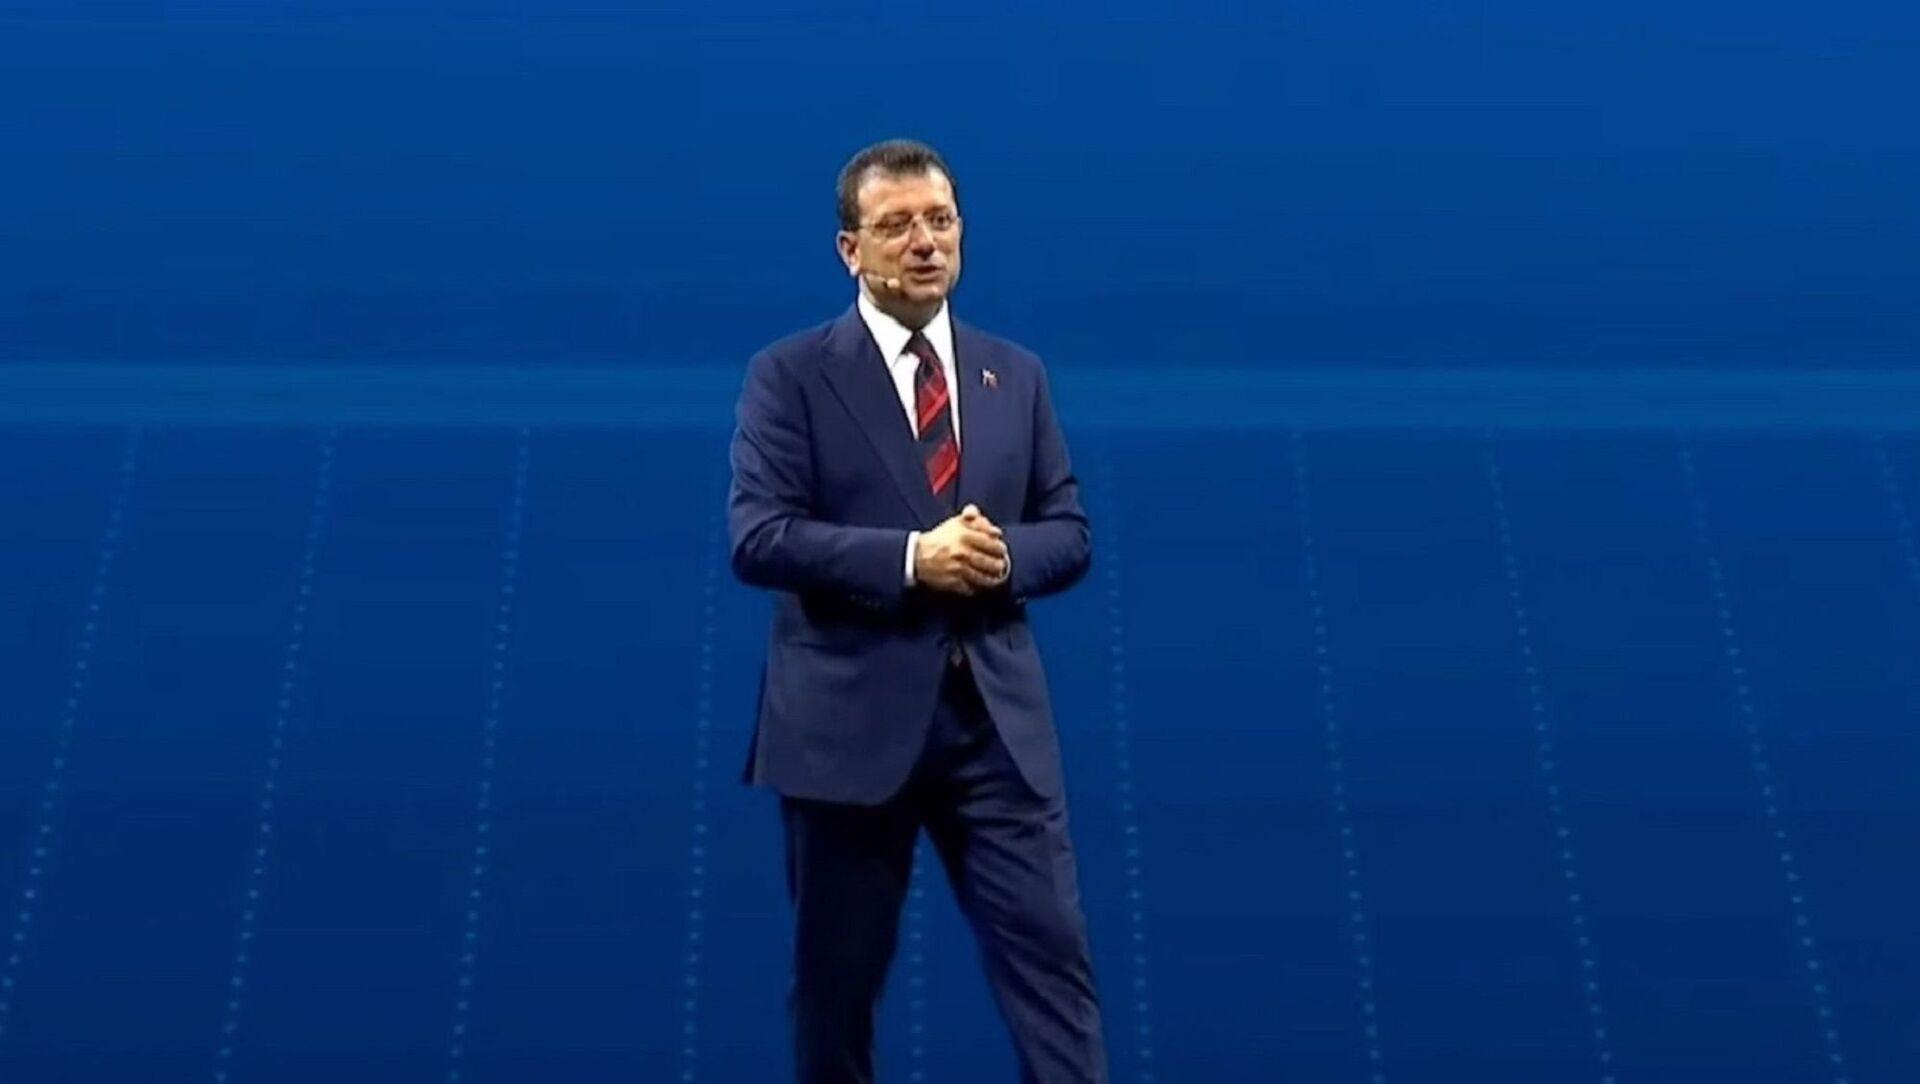 İBB Başkanı Ekrem İmamoğlu, 'İstanbul Spor Stratejisi ve Gelecek Planı' etkinliğinde  - Sputnik Türkiye, 1920, 30.07.2021